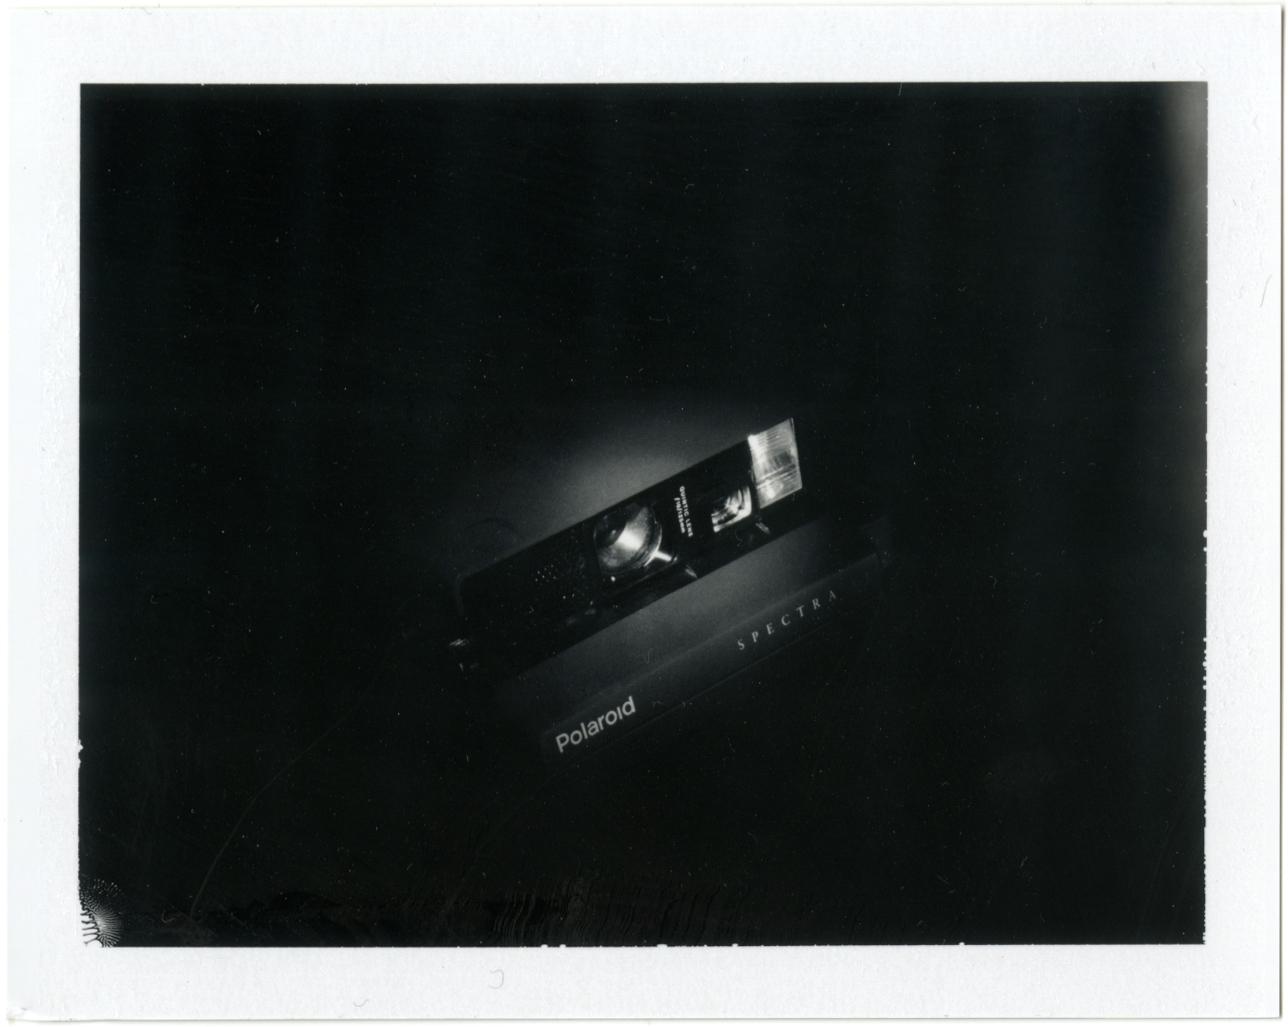 polaroid spectra 03